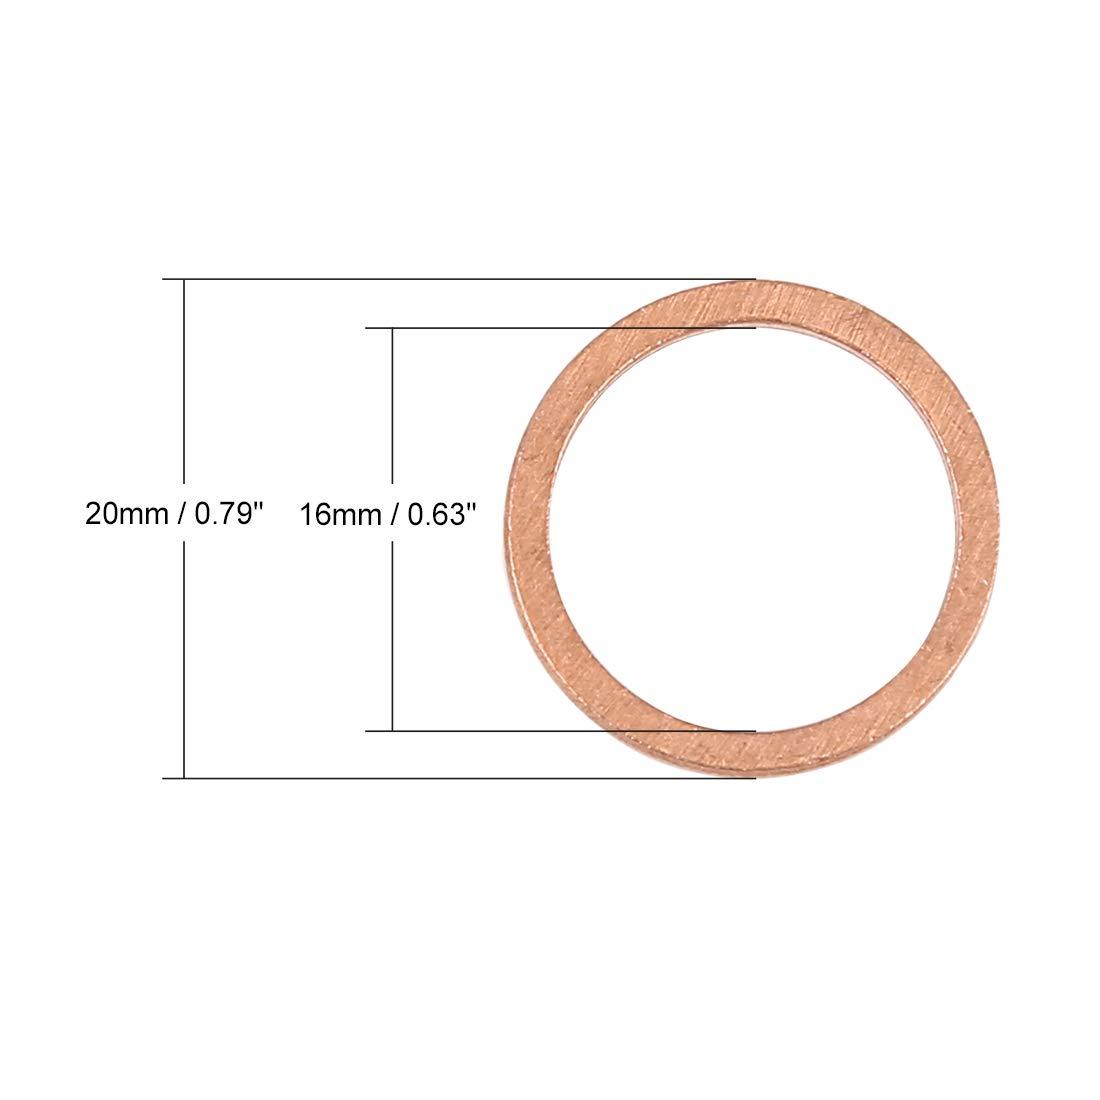 X AUTOHAUX 30pcs Cuivre Rondelle Plat Scell/é Anneau Entretoise pour Voiture 16 x 20 x 1.5mm